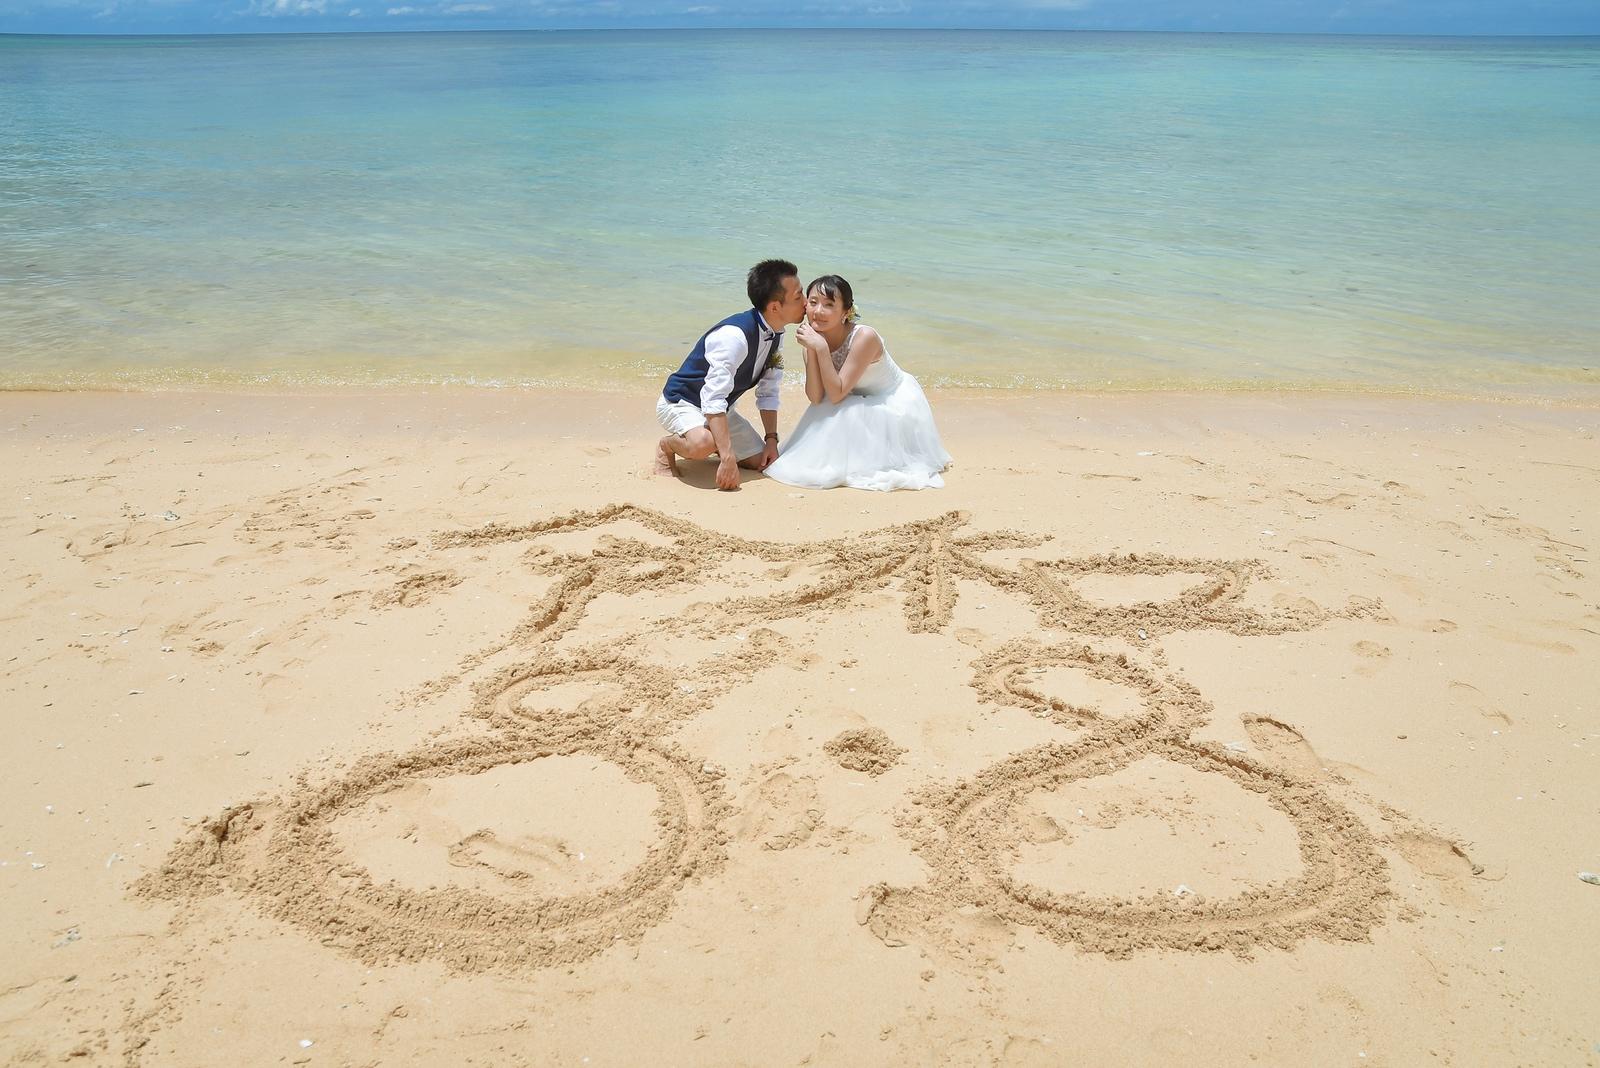 ビーチに砂文字を描いて